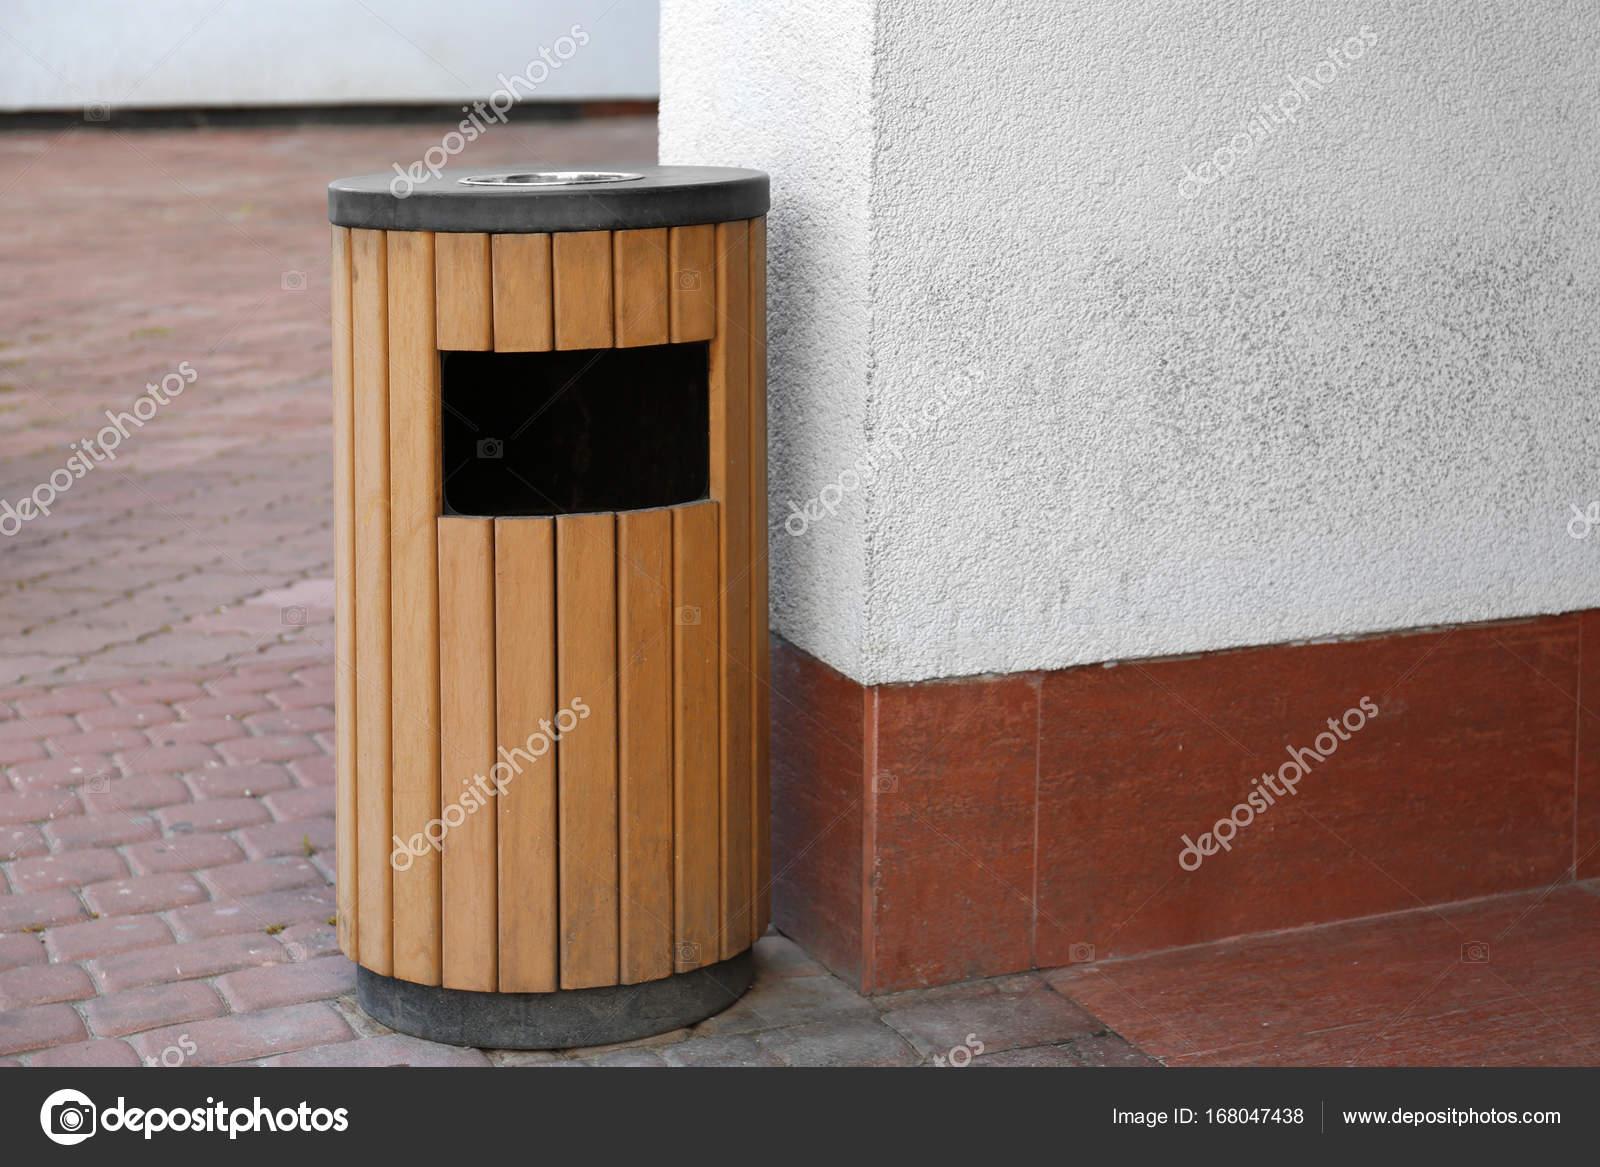 Bidone della spazzatura in legno moderno u foto stock belchonock